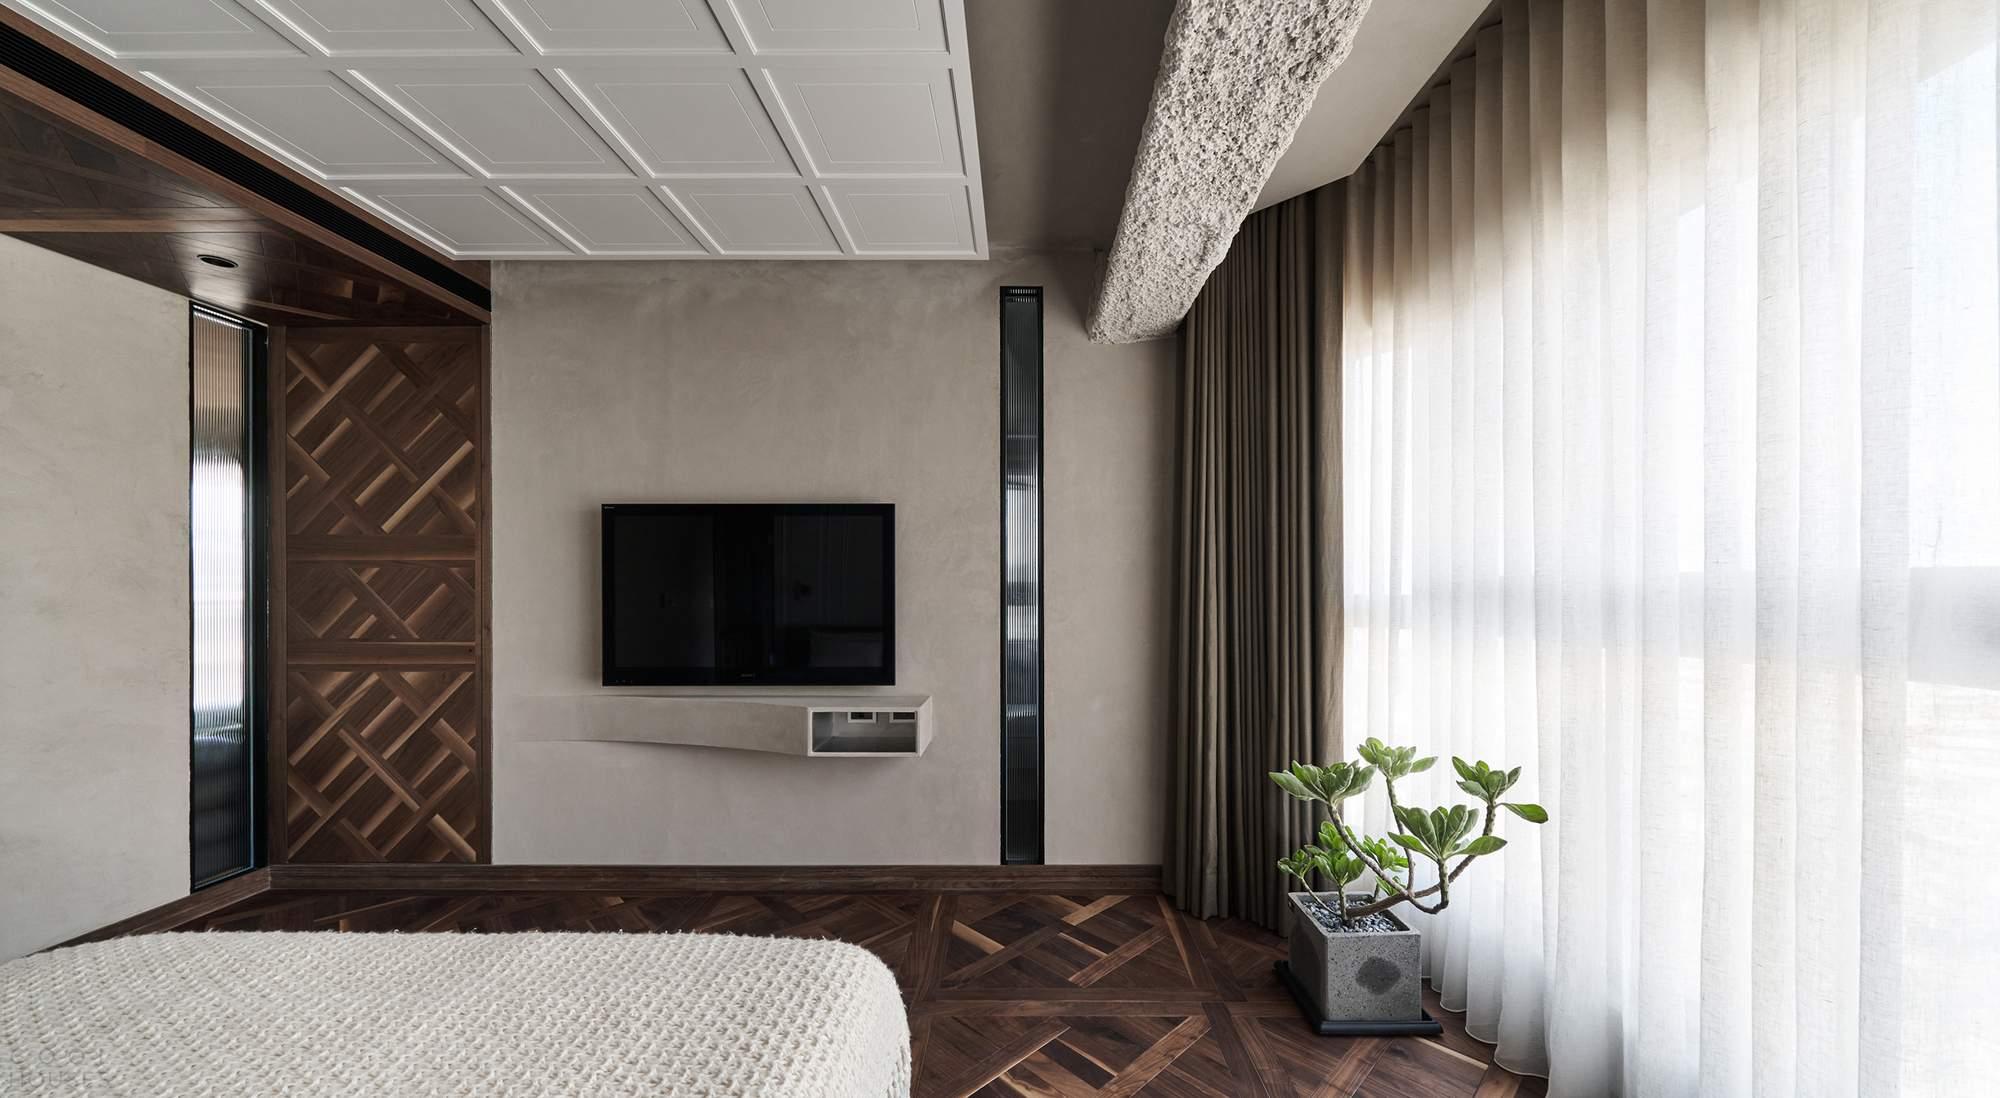 Современная квартира с эклектичным интерьером в Тайване